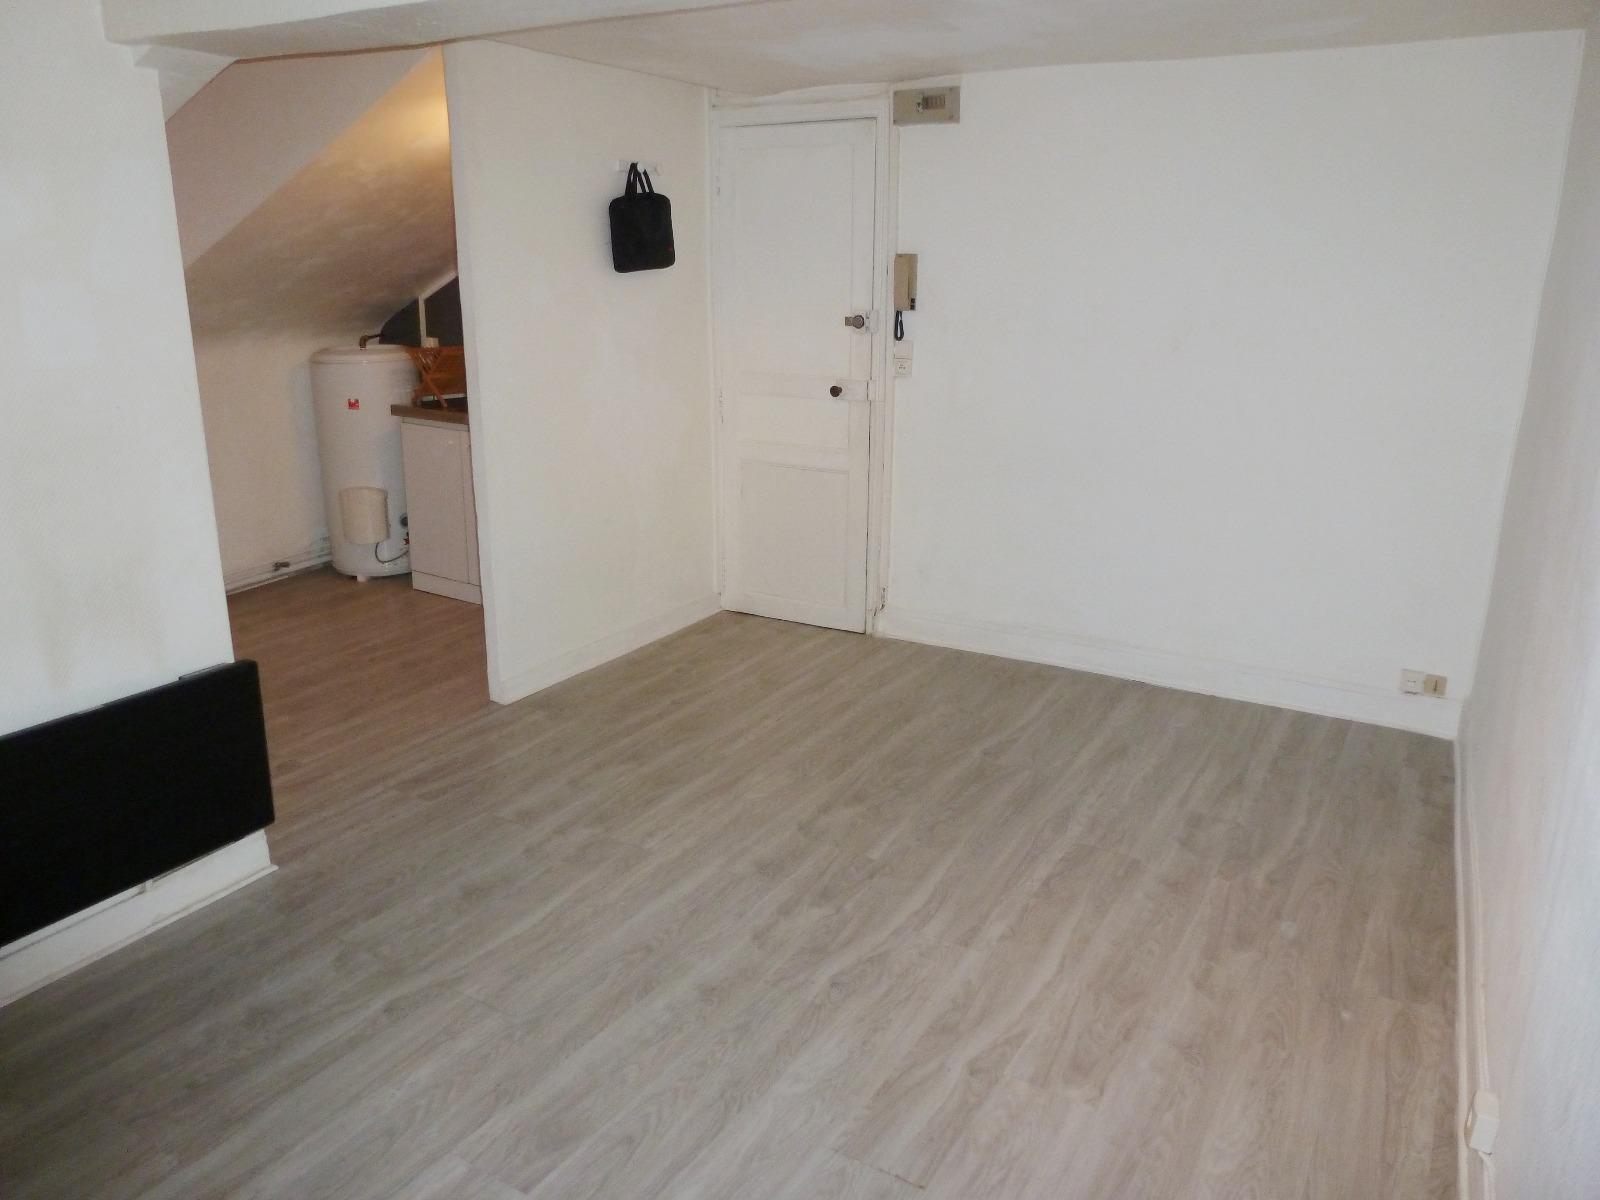 Exclusivit pau hyper centre a vendre studio lou - Vendre appartement loue ...